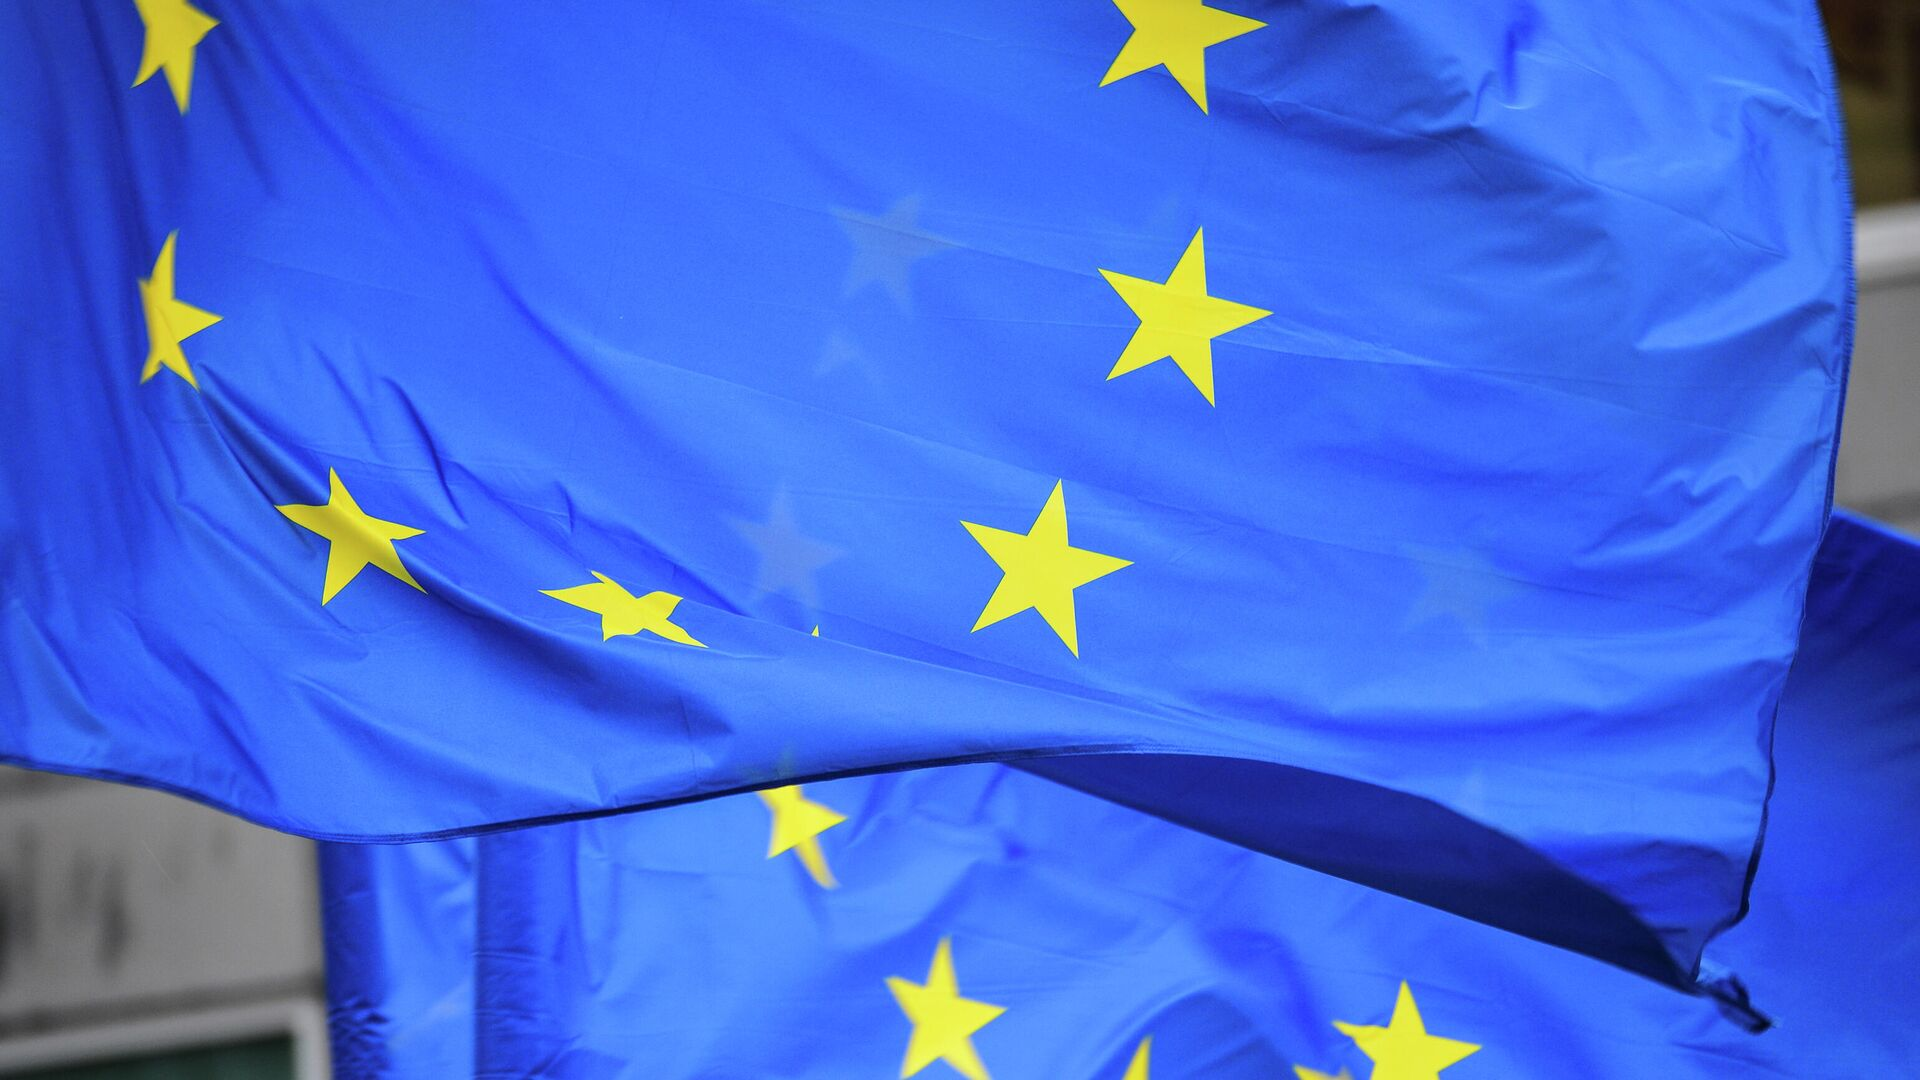 Флаги Евросоюза - РИА Новости, 1920, 14.09.2021